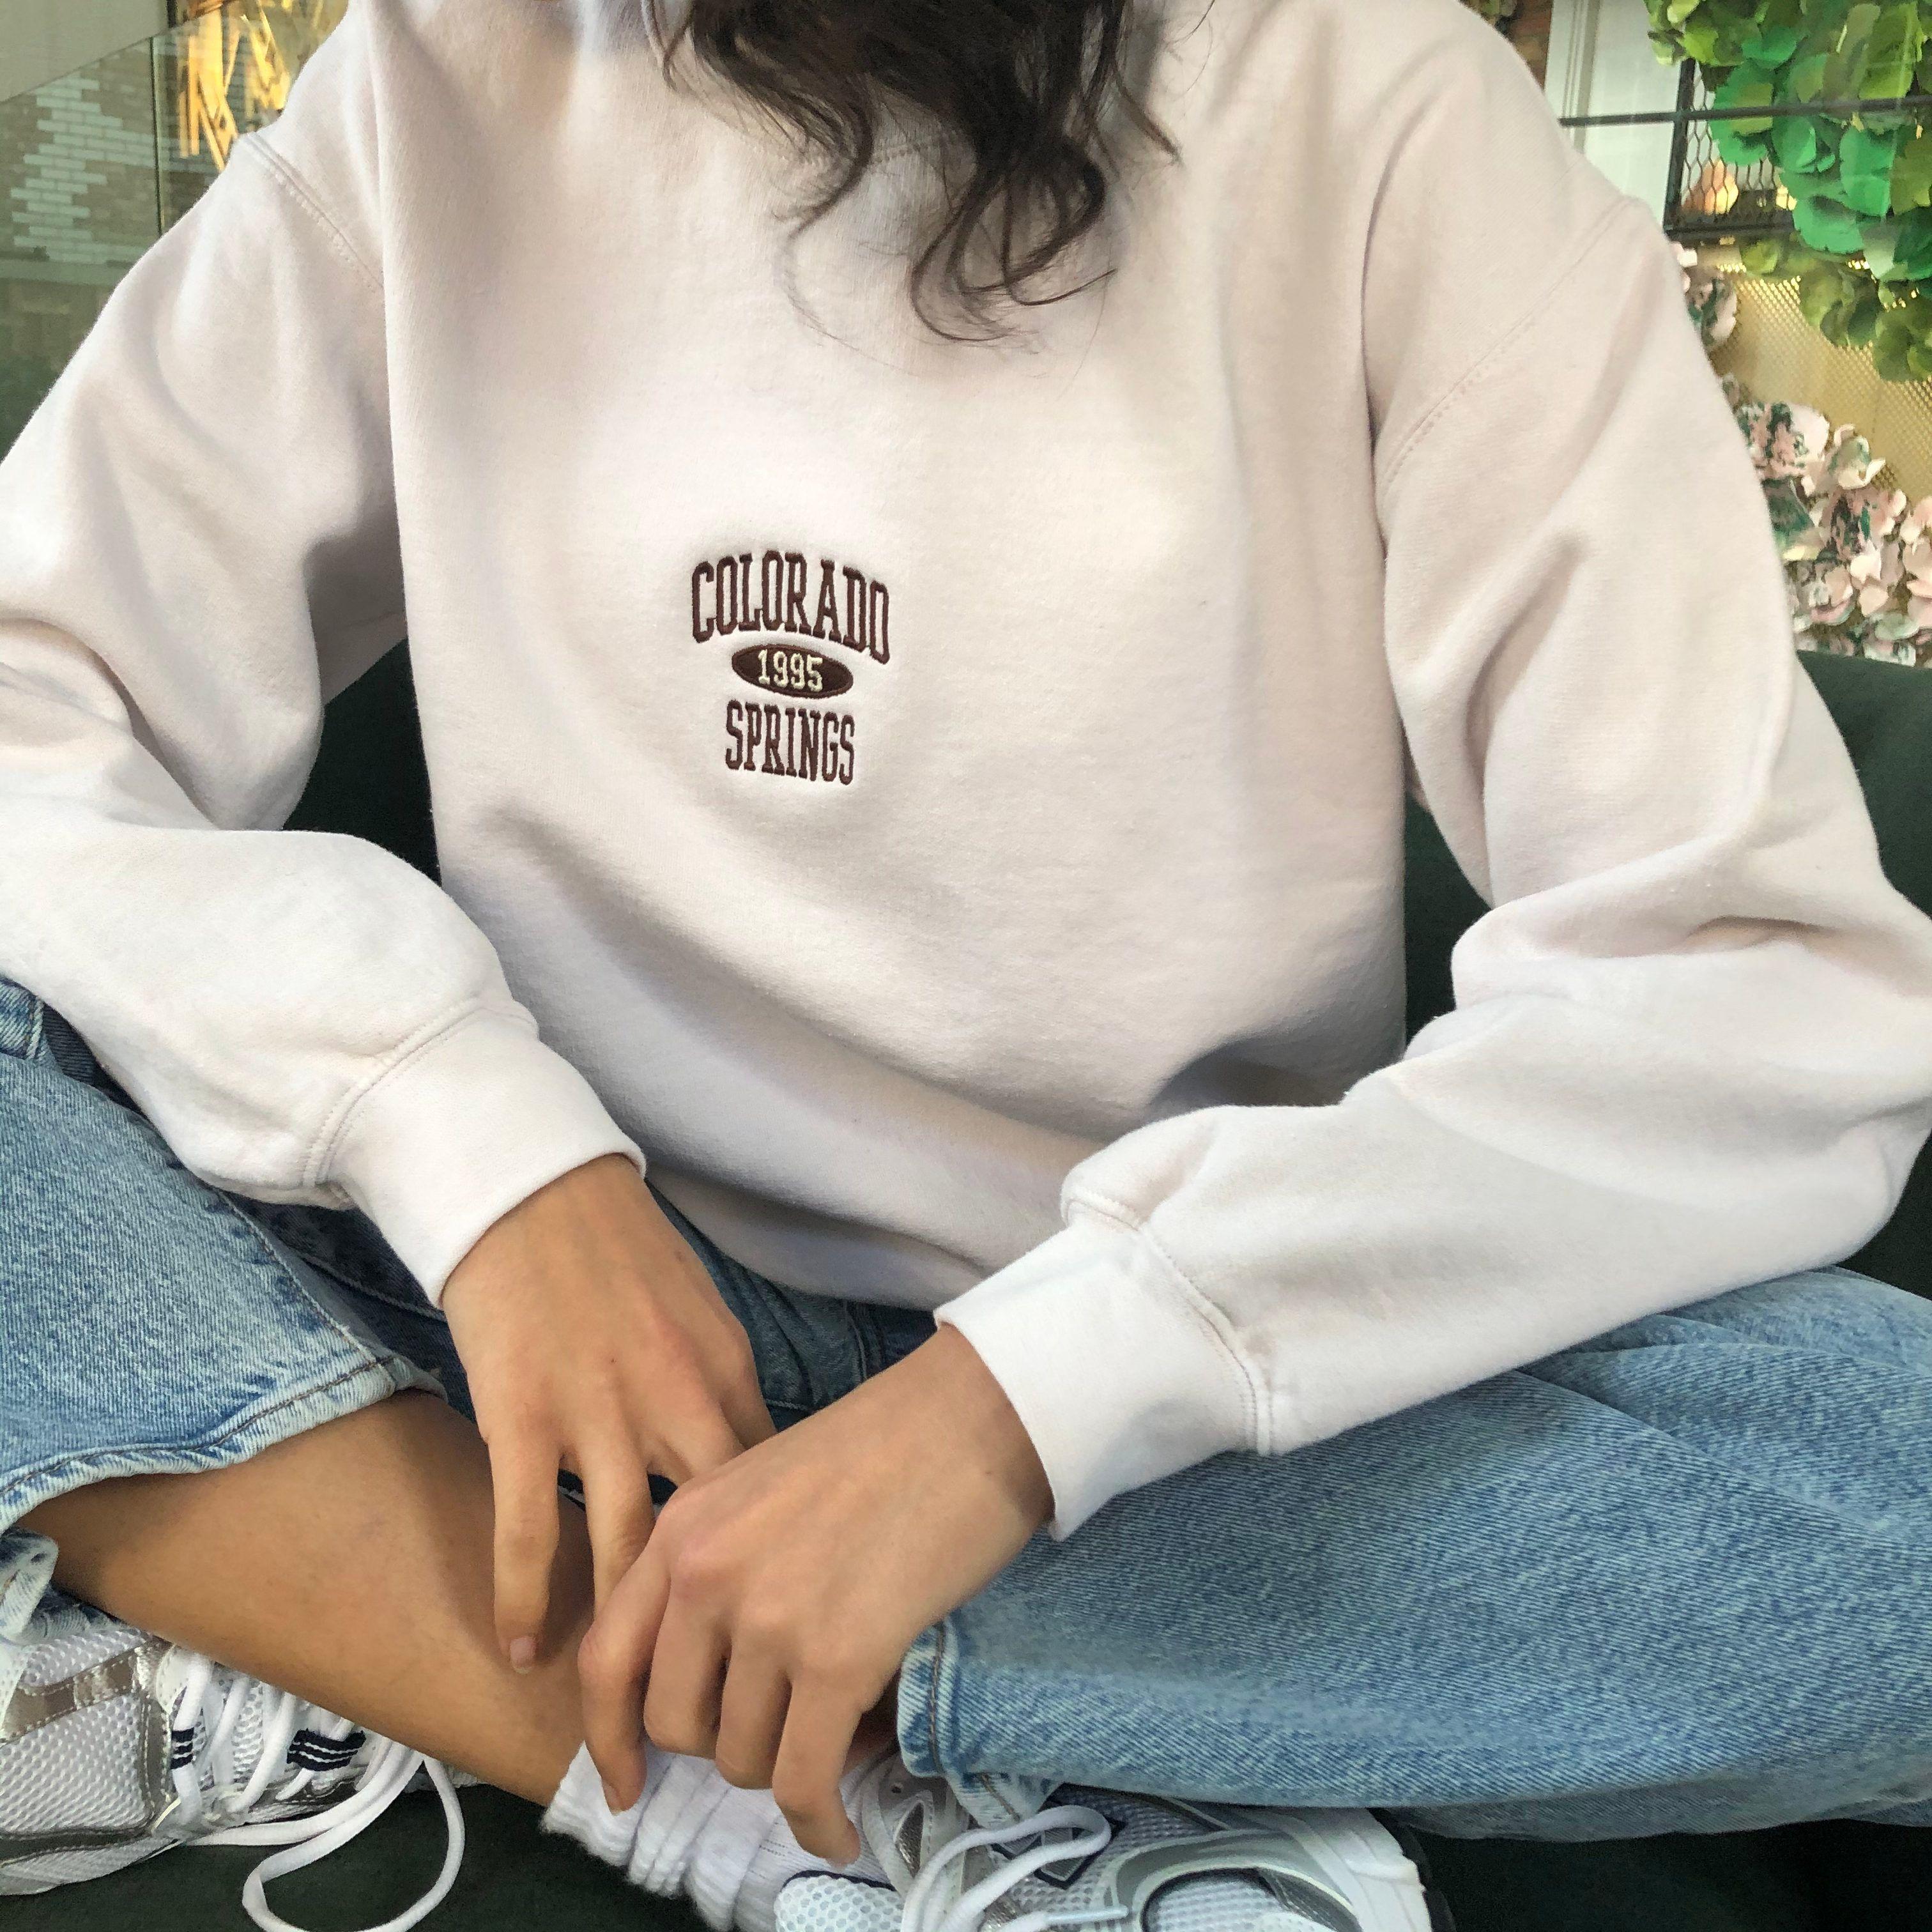 Uo Colorado Springs Crew Neck Sweatshirt Sweatshirts Crew Neck Sweatshirt Spring Sweatshirt [ 3024 x 3024 Pixel ]